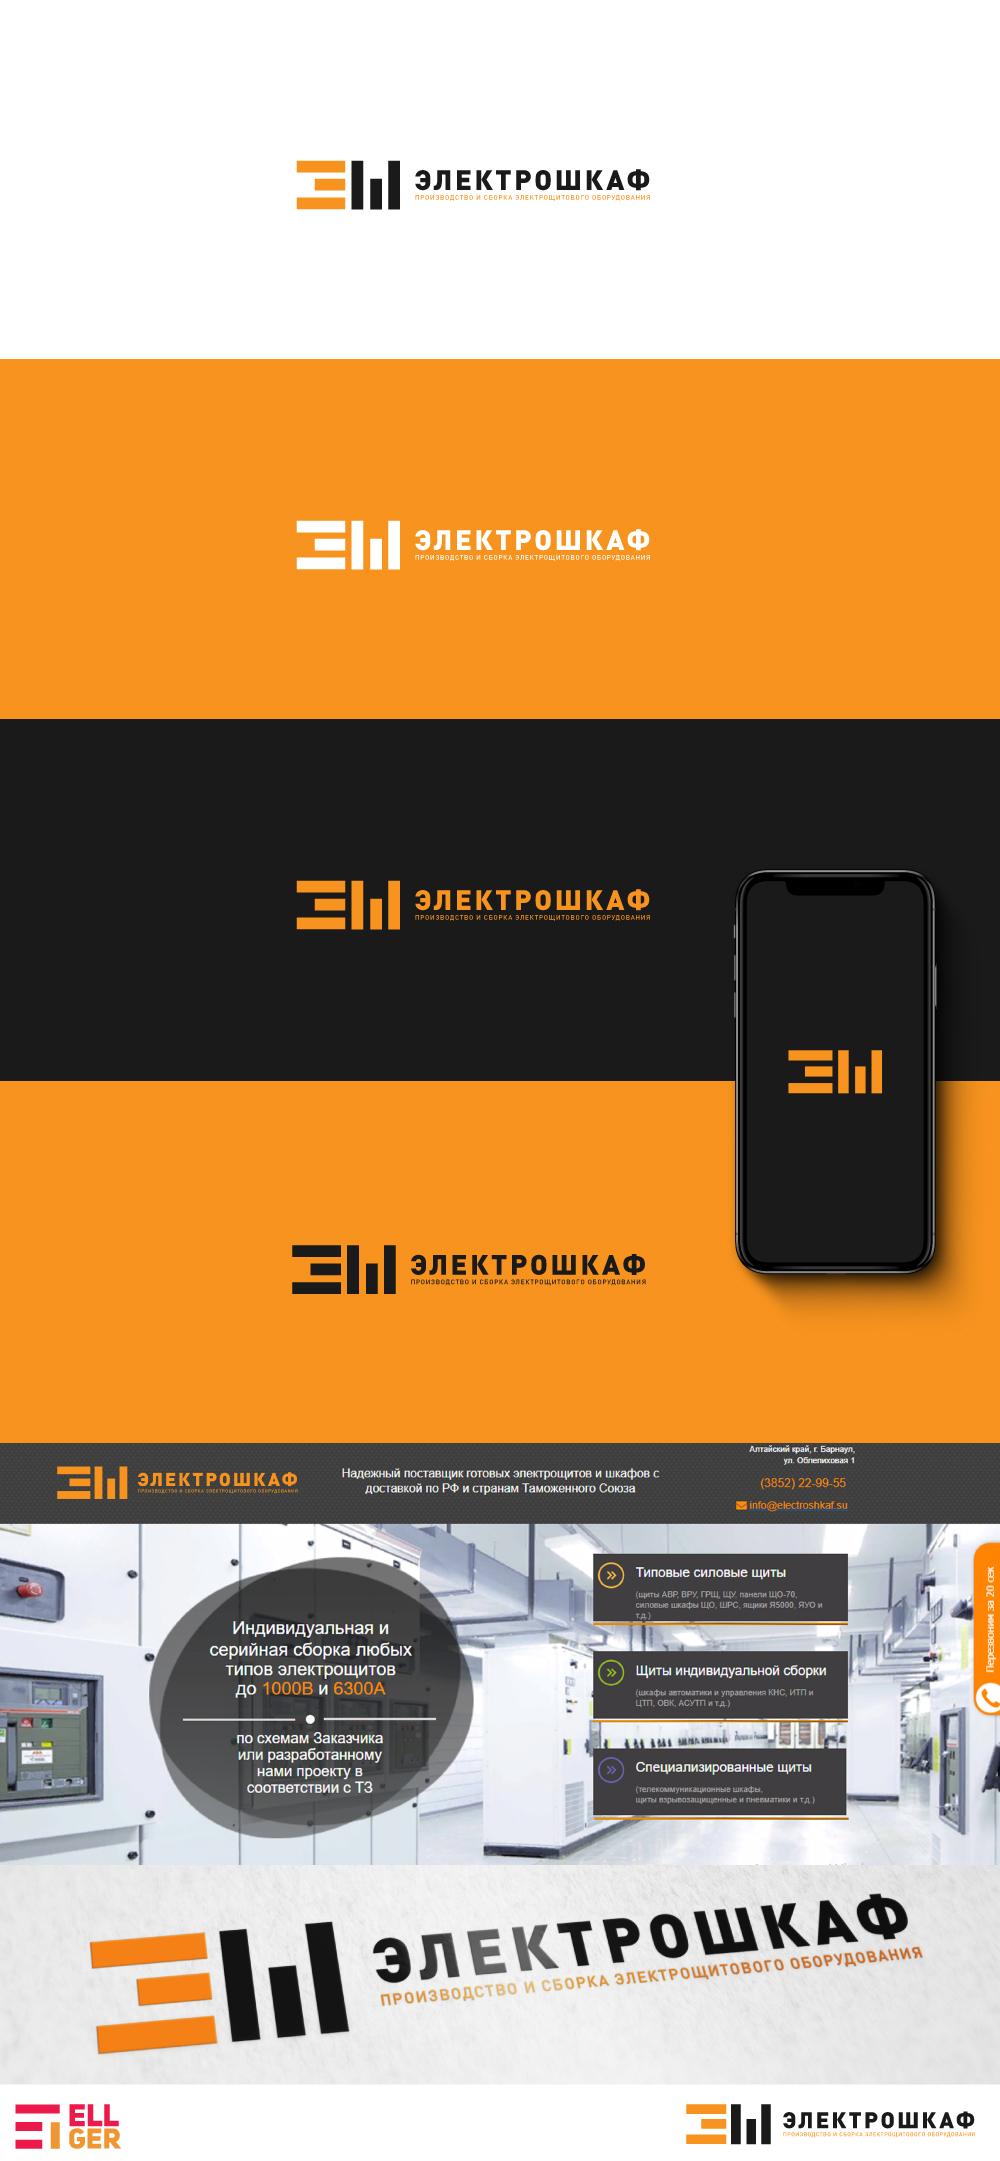 Разработать логотип для завода по производству электрощитов фото f_0175b6d7af16521b.jpg